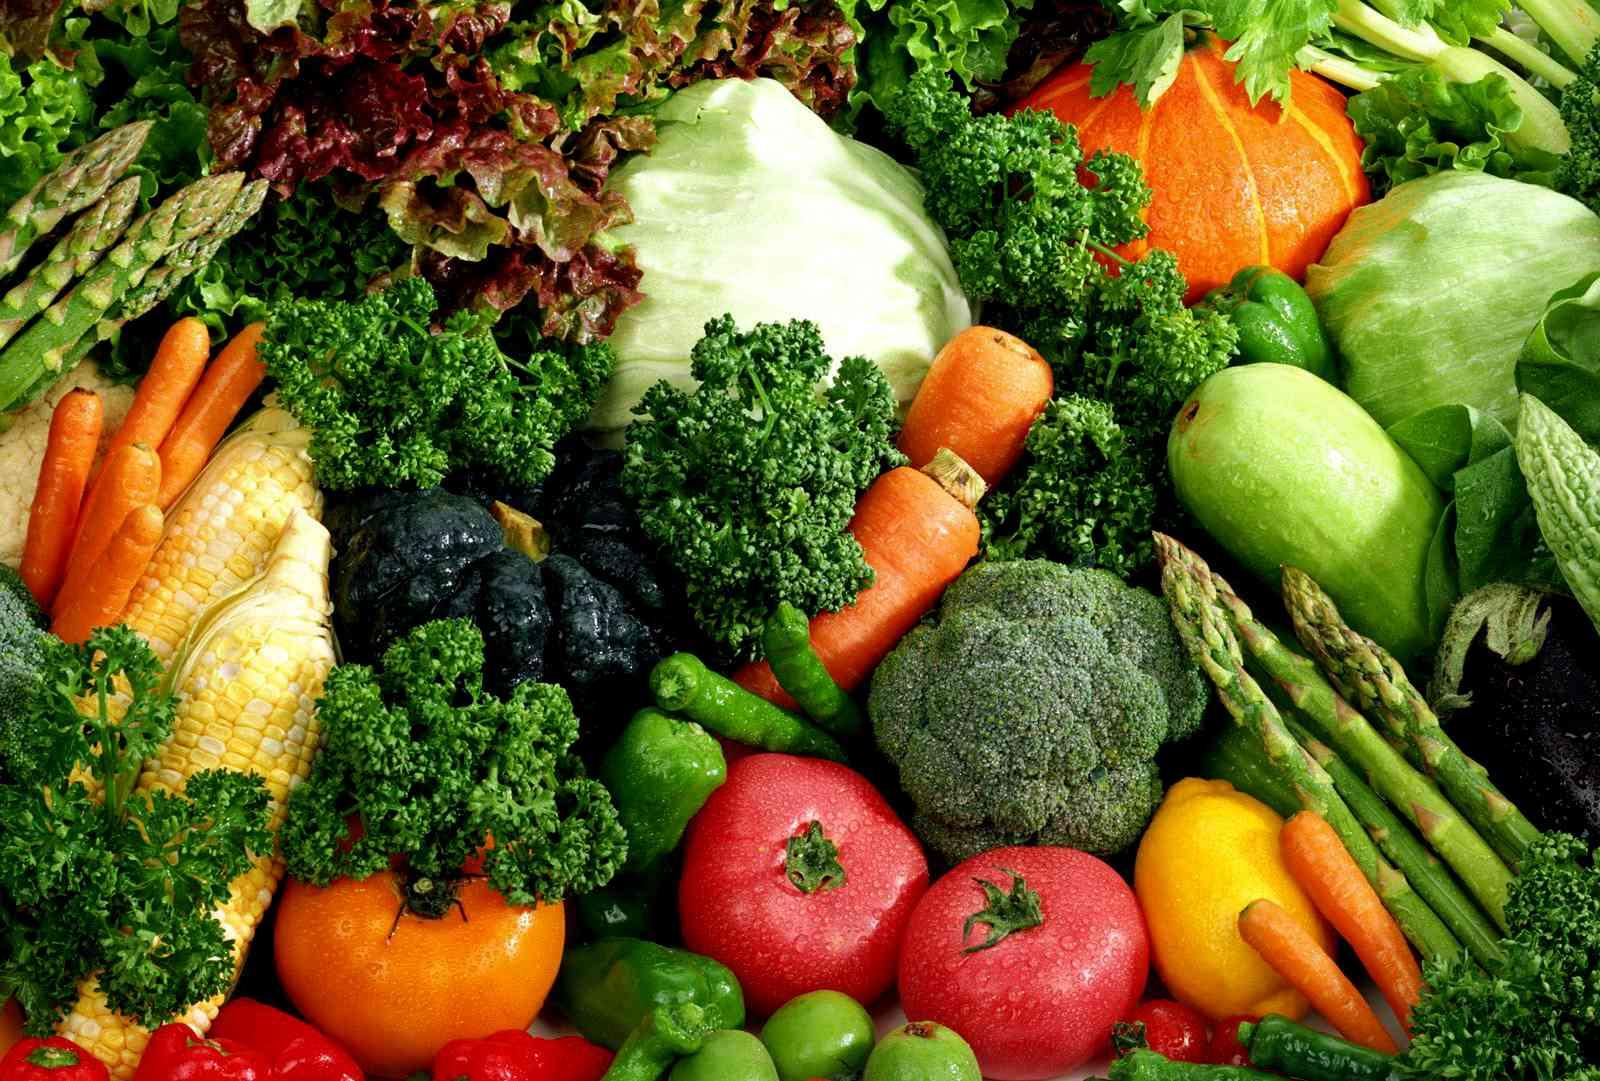 здоровое питание для похудения рецепты с фото